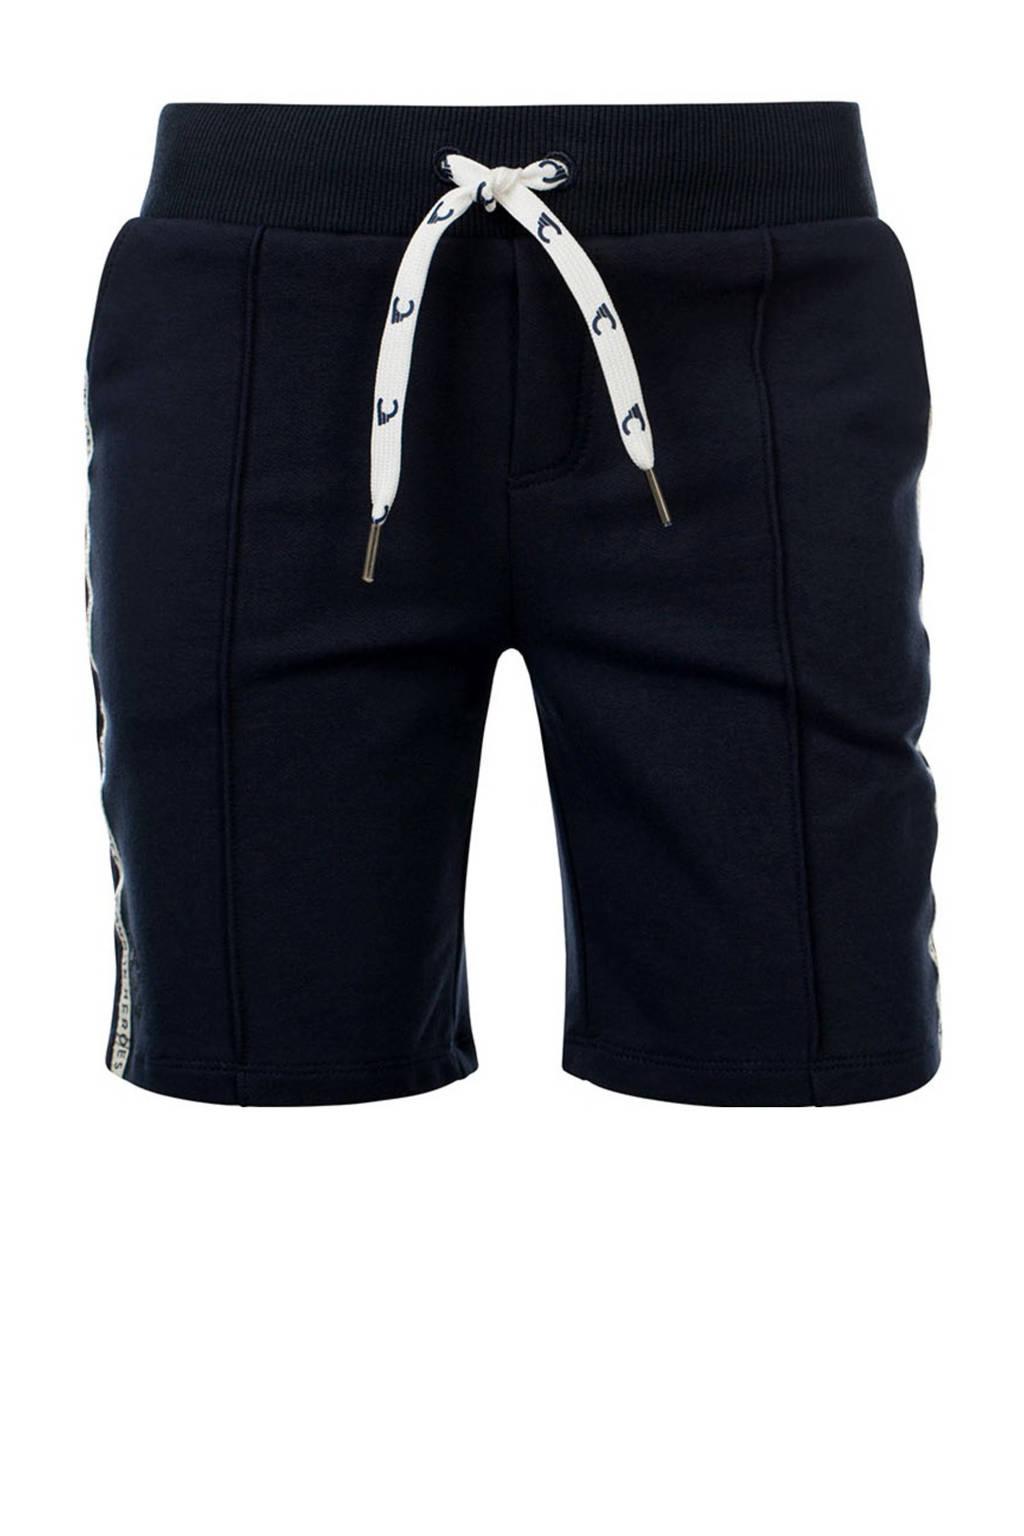 COMMON HEROES slim fit sweatshort Bo met zijstreep donkerblauw, Donkerblauw